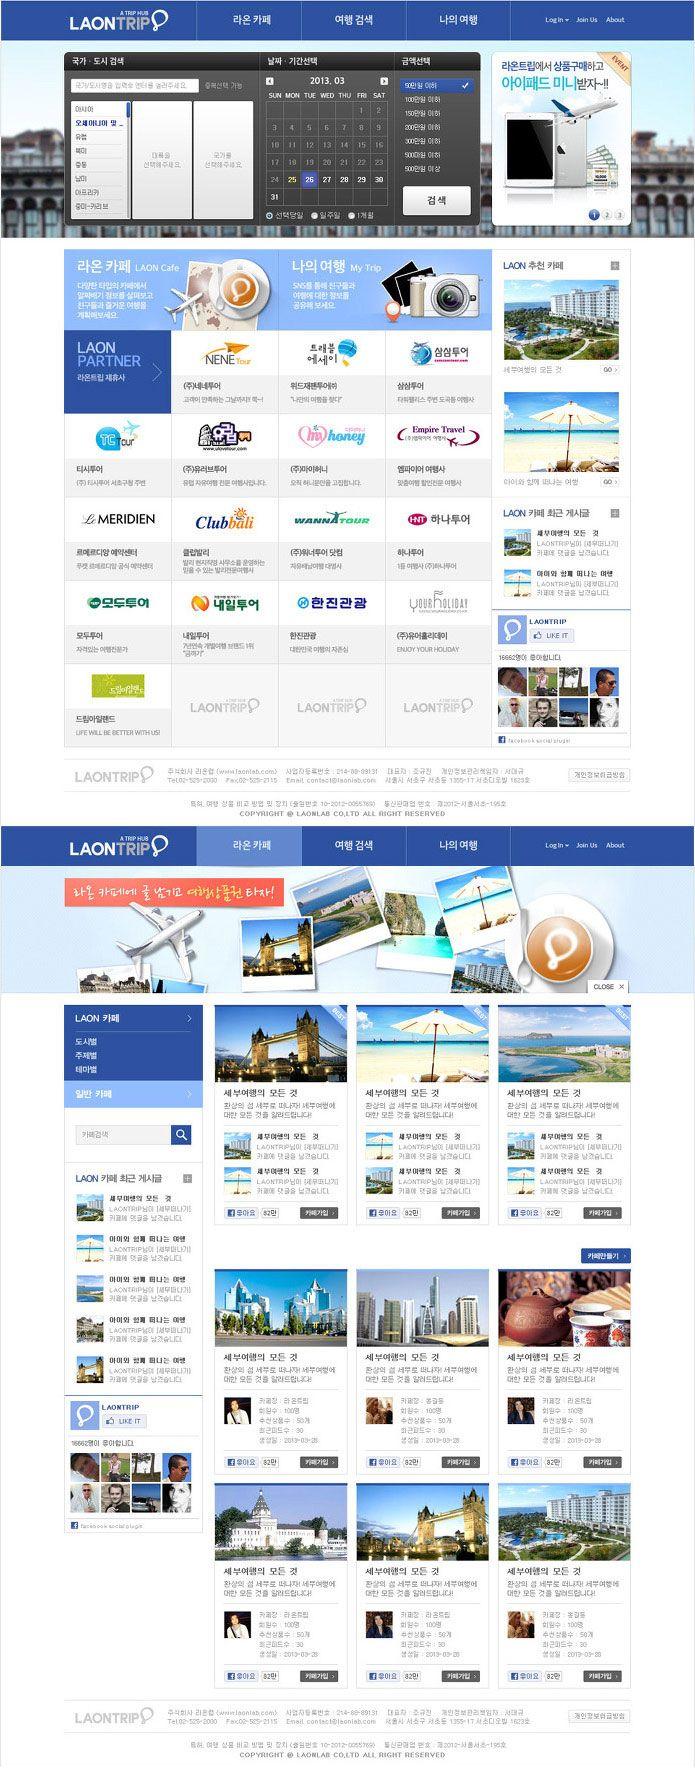 라온트립 홈페이지 디자인